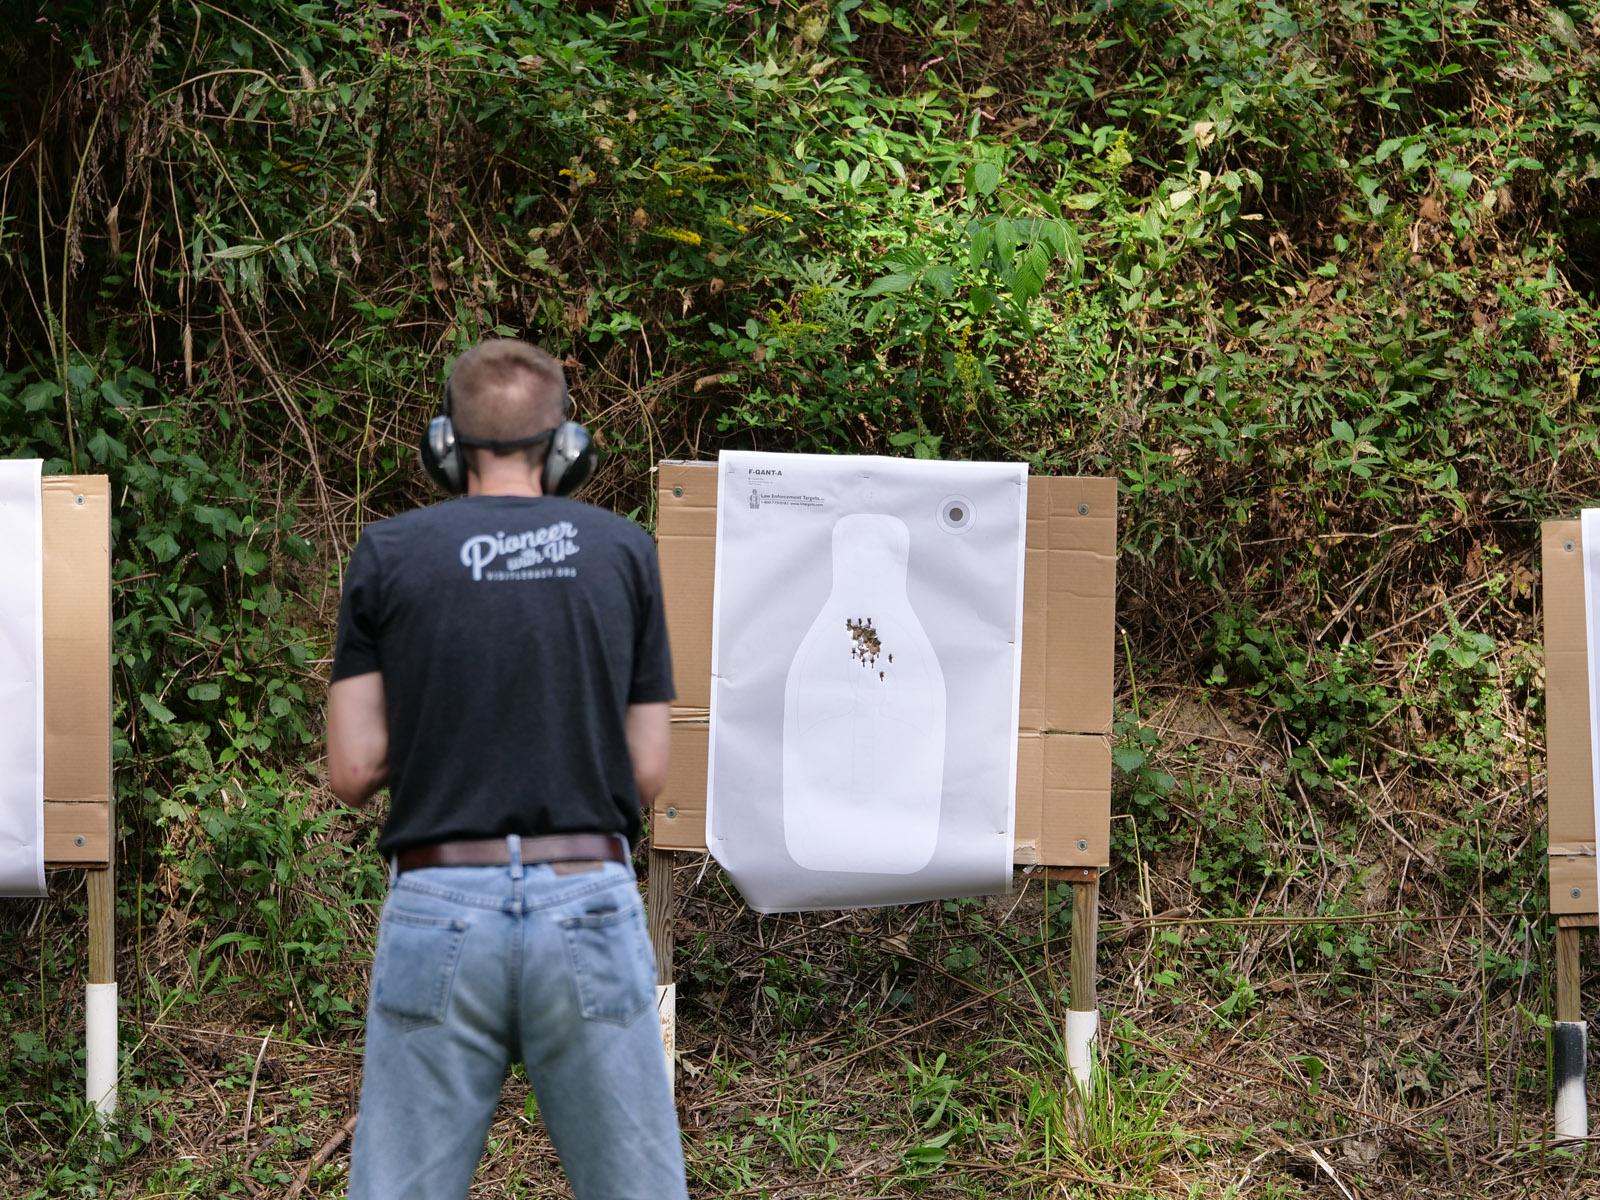 8-pistol+(4).jpg